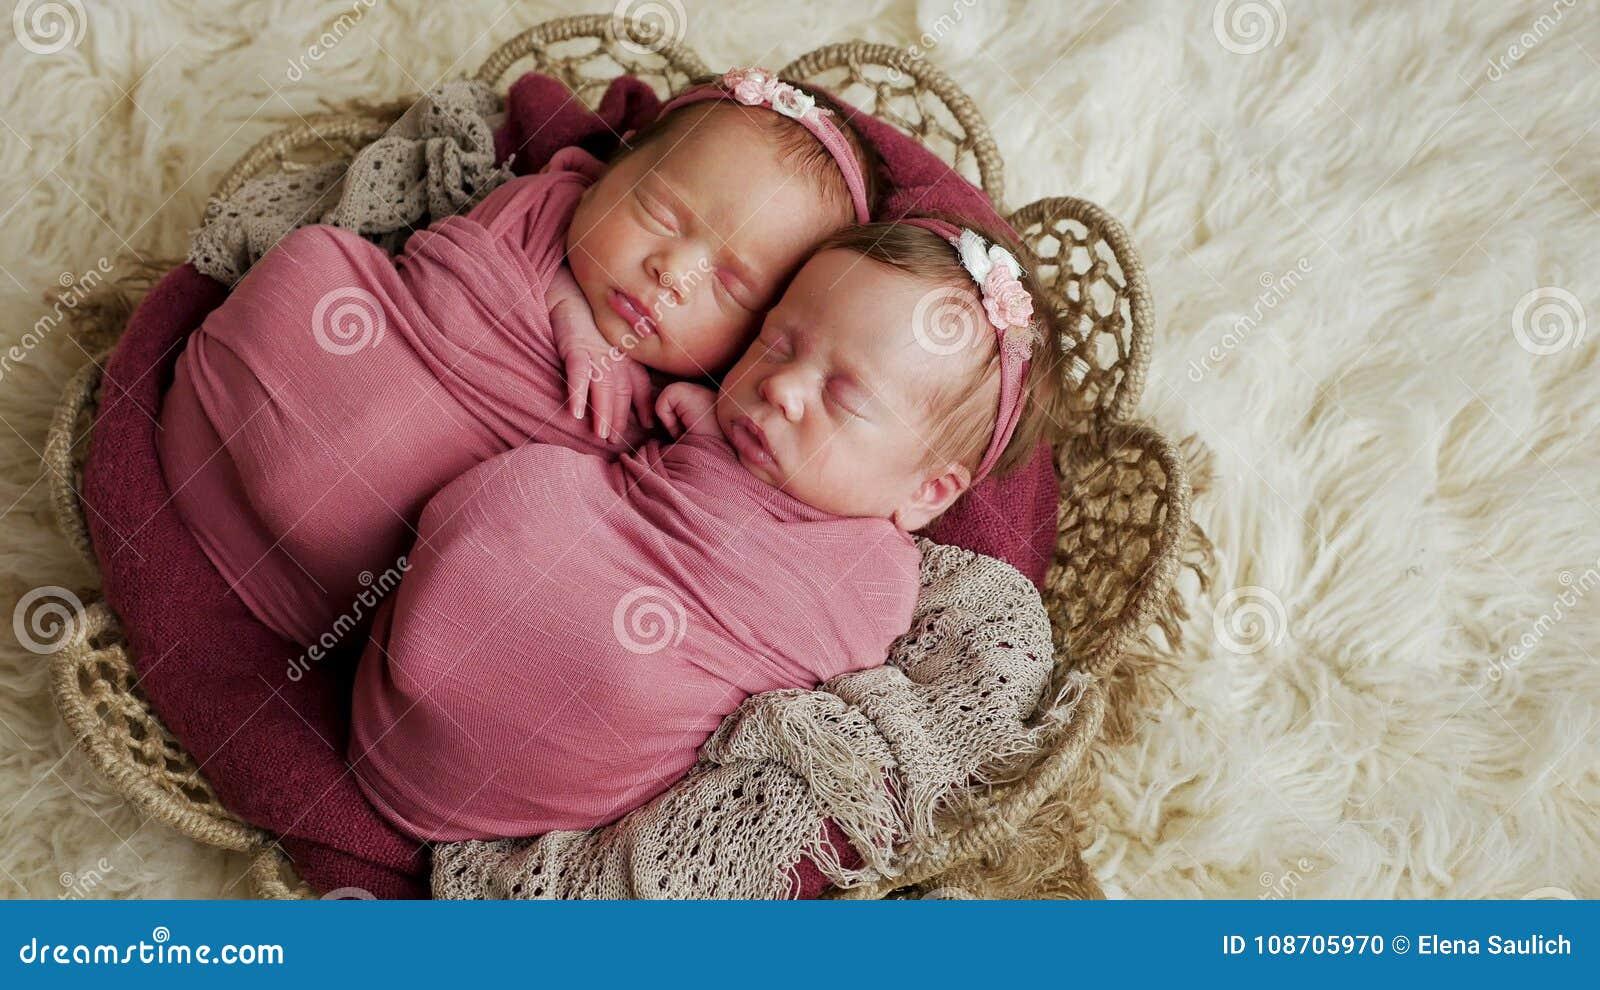 Αδελφές διδύμων νεογέννητες στο τύλιγμα και σε ένα καλάθι